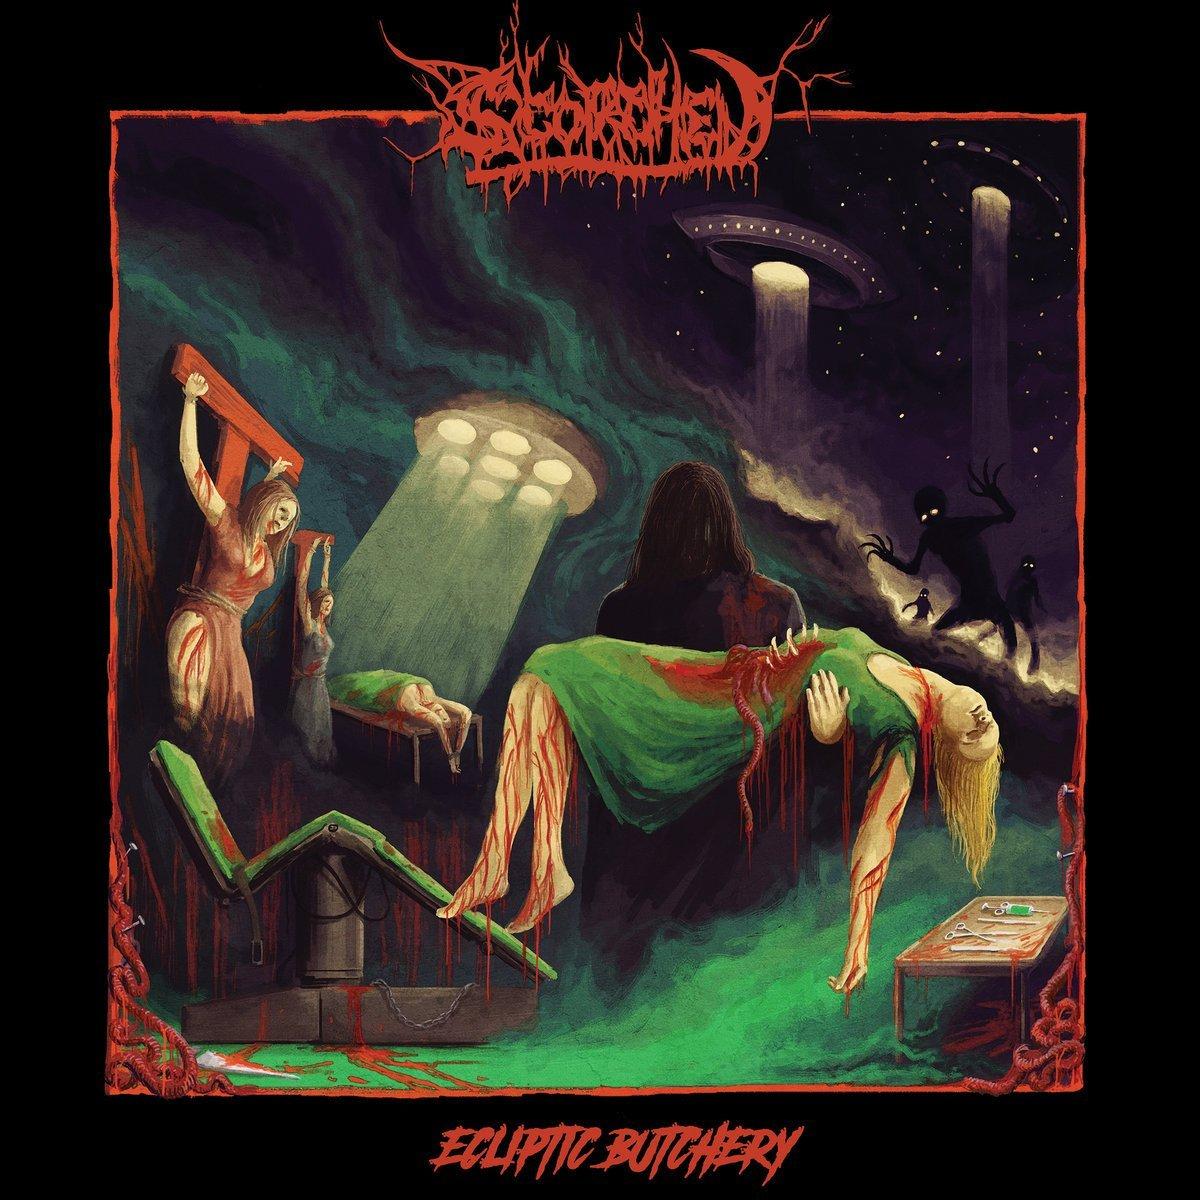 Vinilo : SCORCHED - Ecliptic Butchery (LP Vinyl)